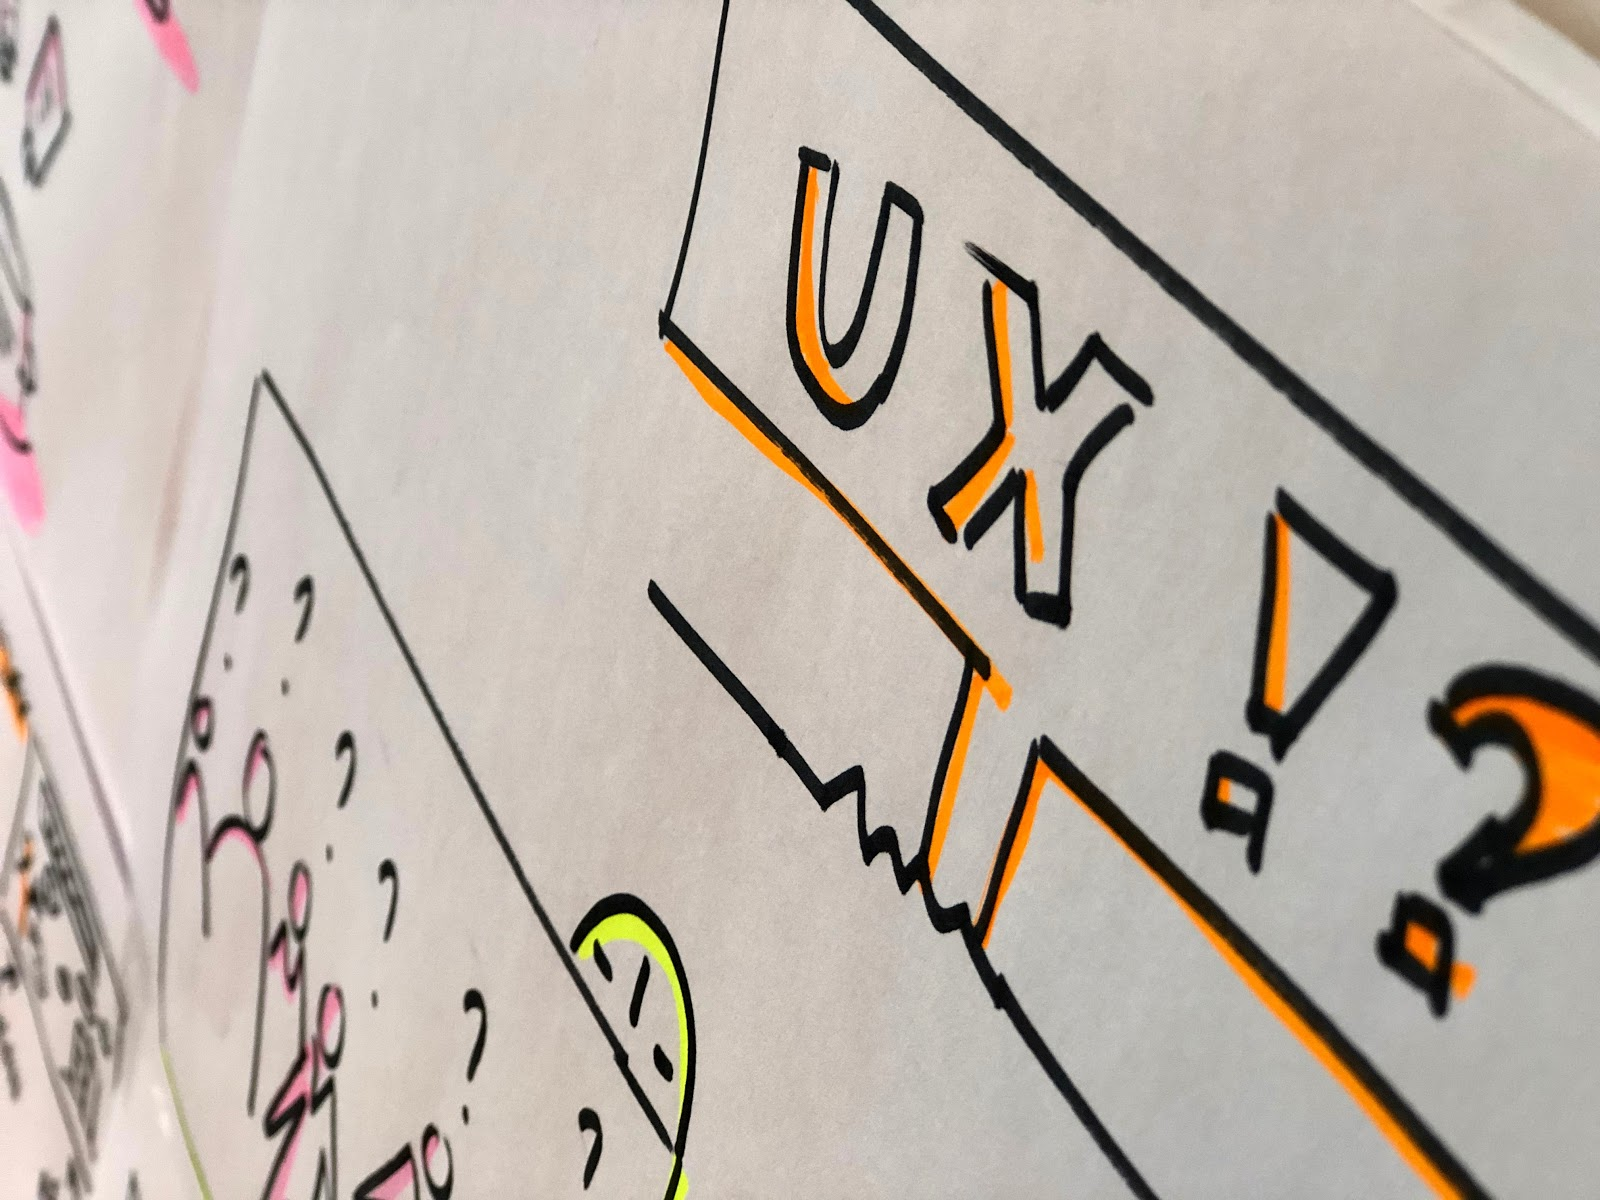 Recovery mode UXUI-ДИЗАЙН нельзя просто взять и нарисовать экран